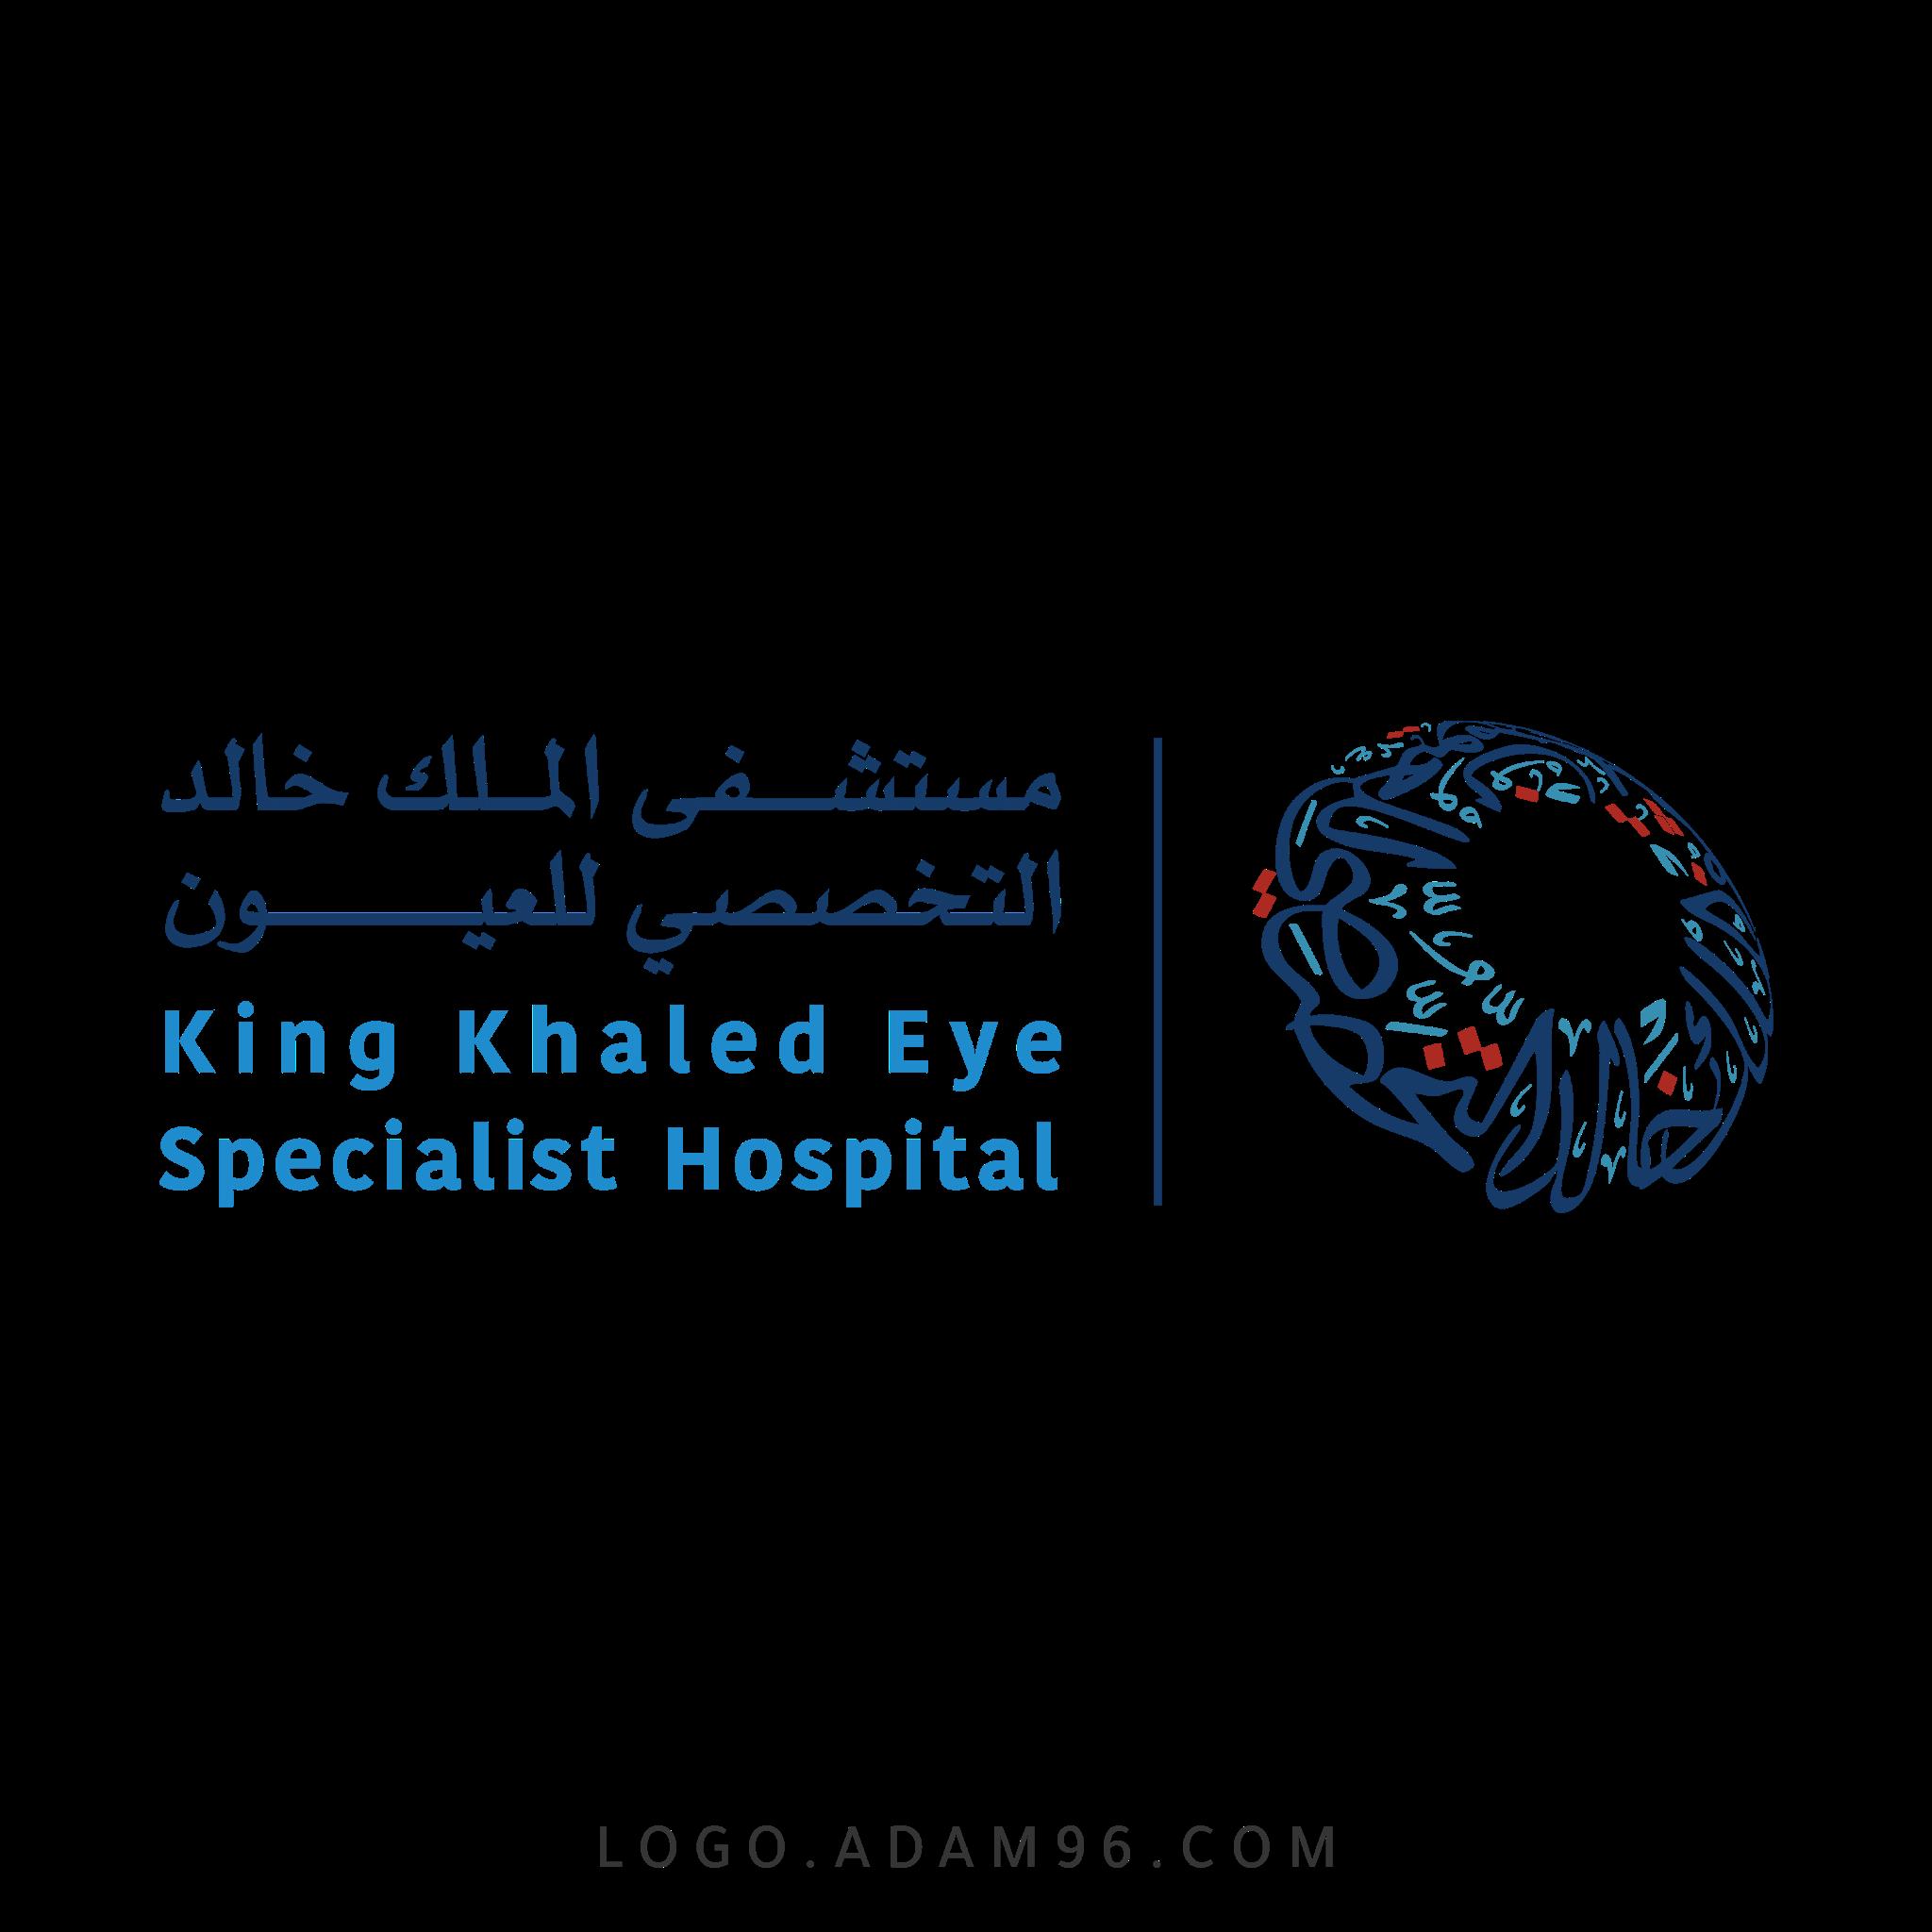 تحميل شعار مستشفى الملك خالد التخصصي للعيون لوجو رسمي بصيغة شفافة PNG